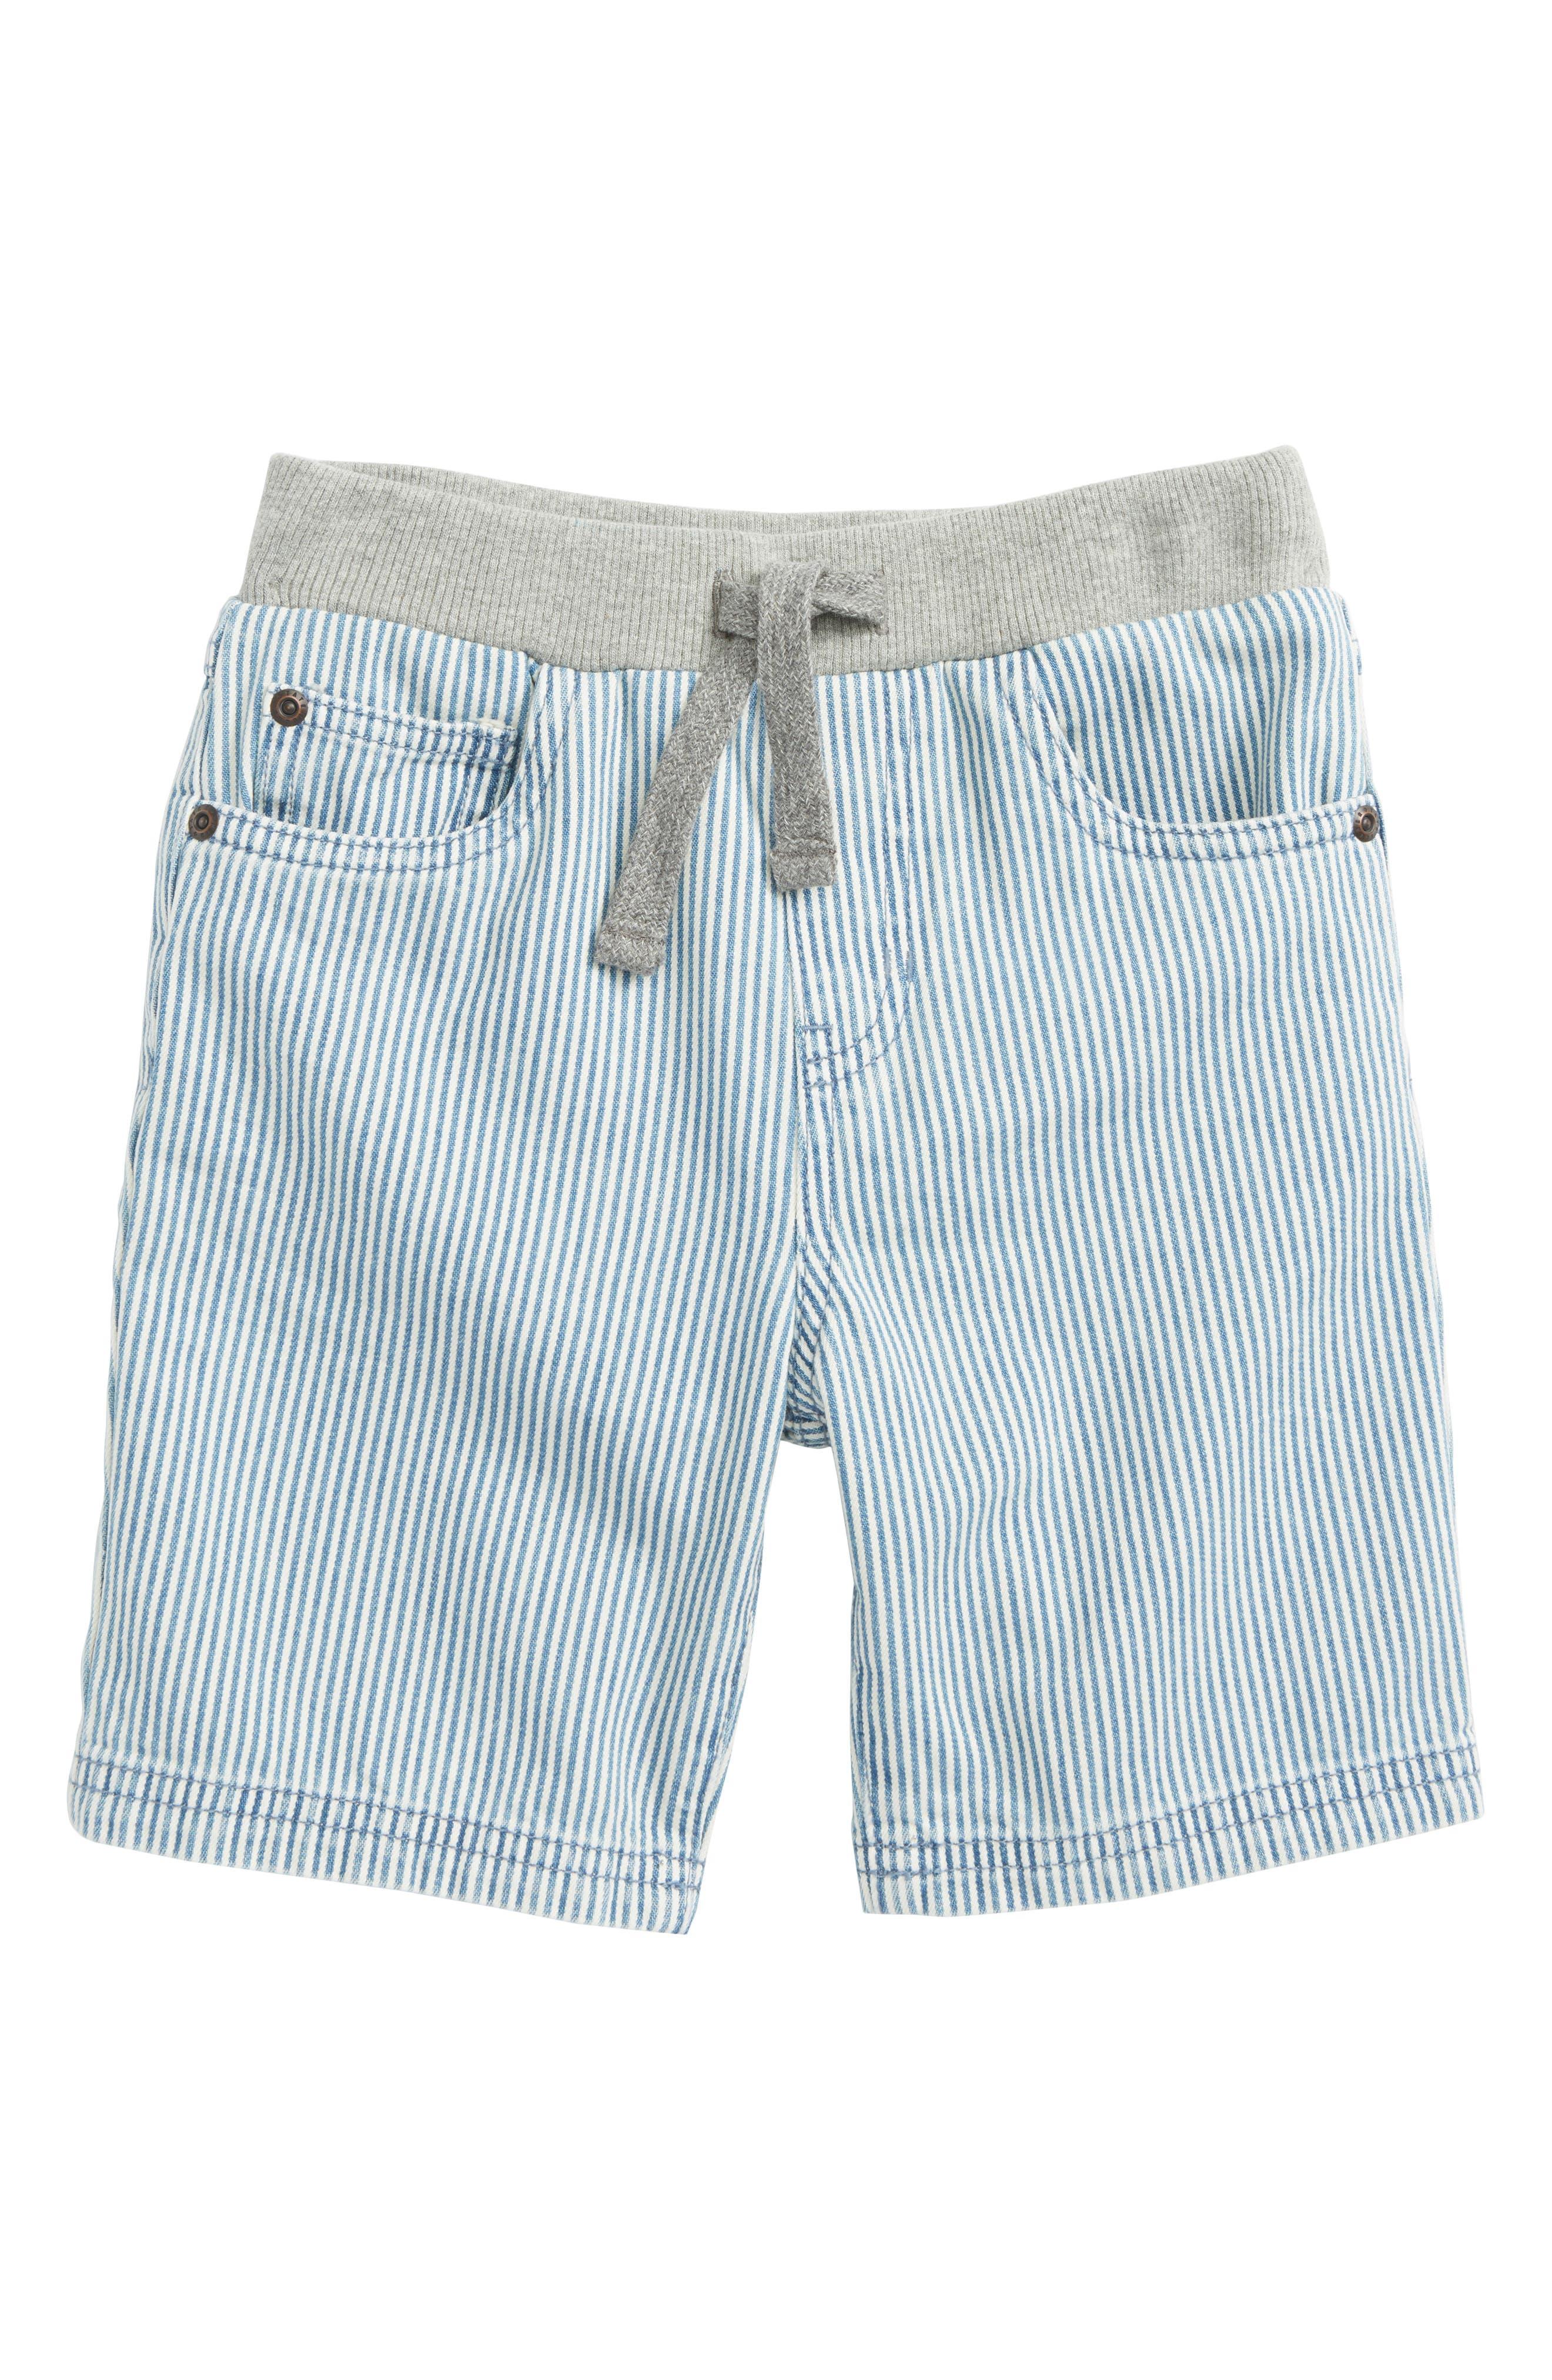 Stripe Shorts,                             Main thumbnail 1, color,                             450